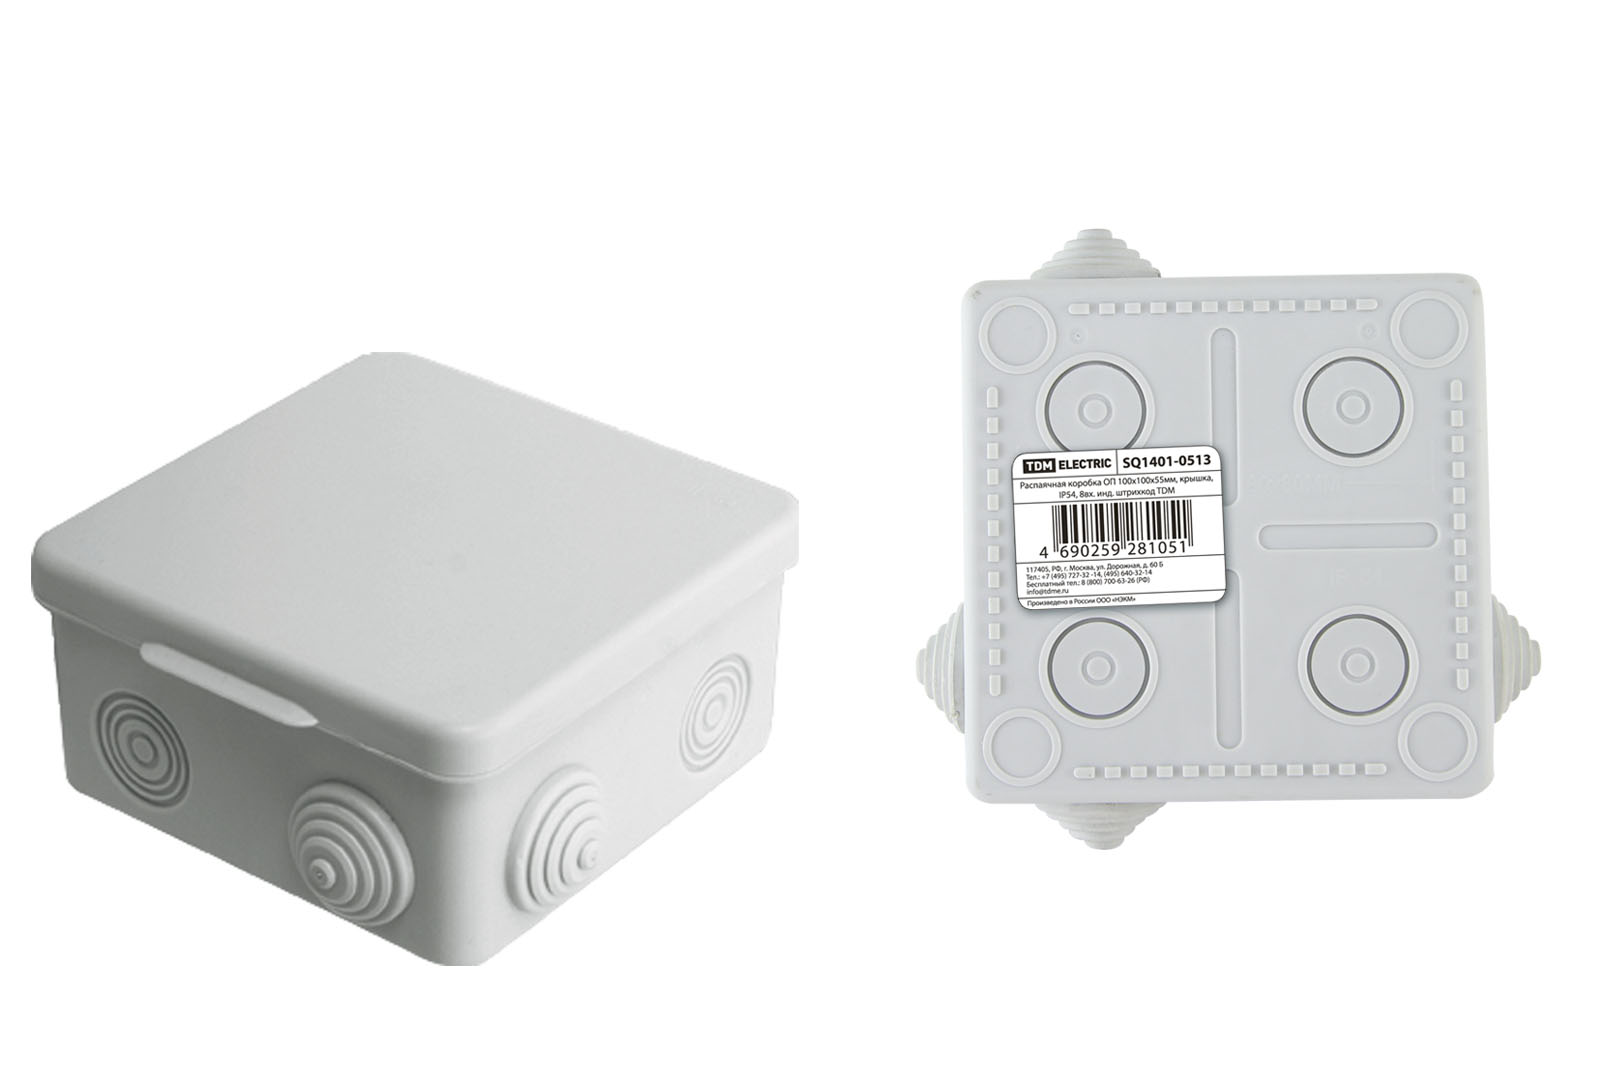 Коробка распаячная Tdm Sq1401-0513 коробка распаячная eglo 91206